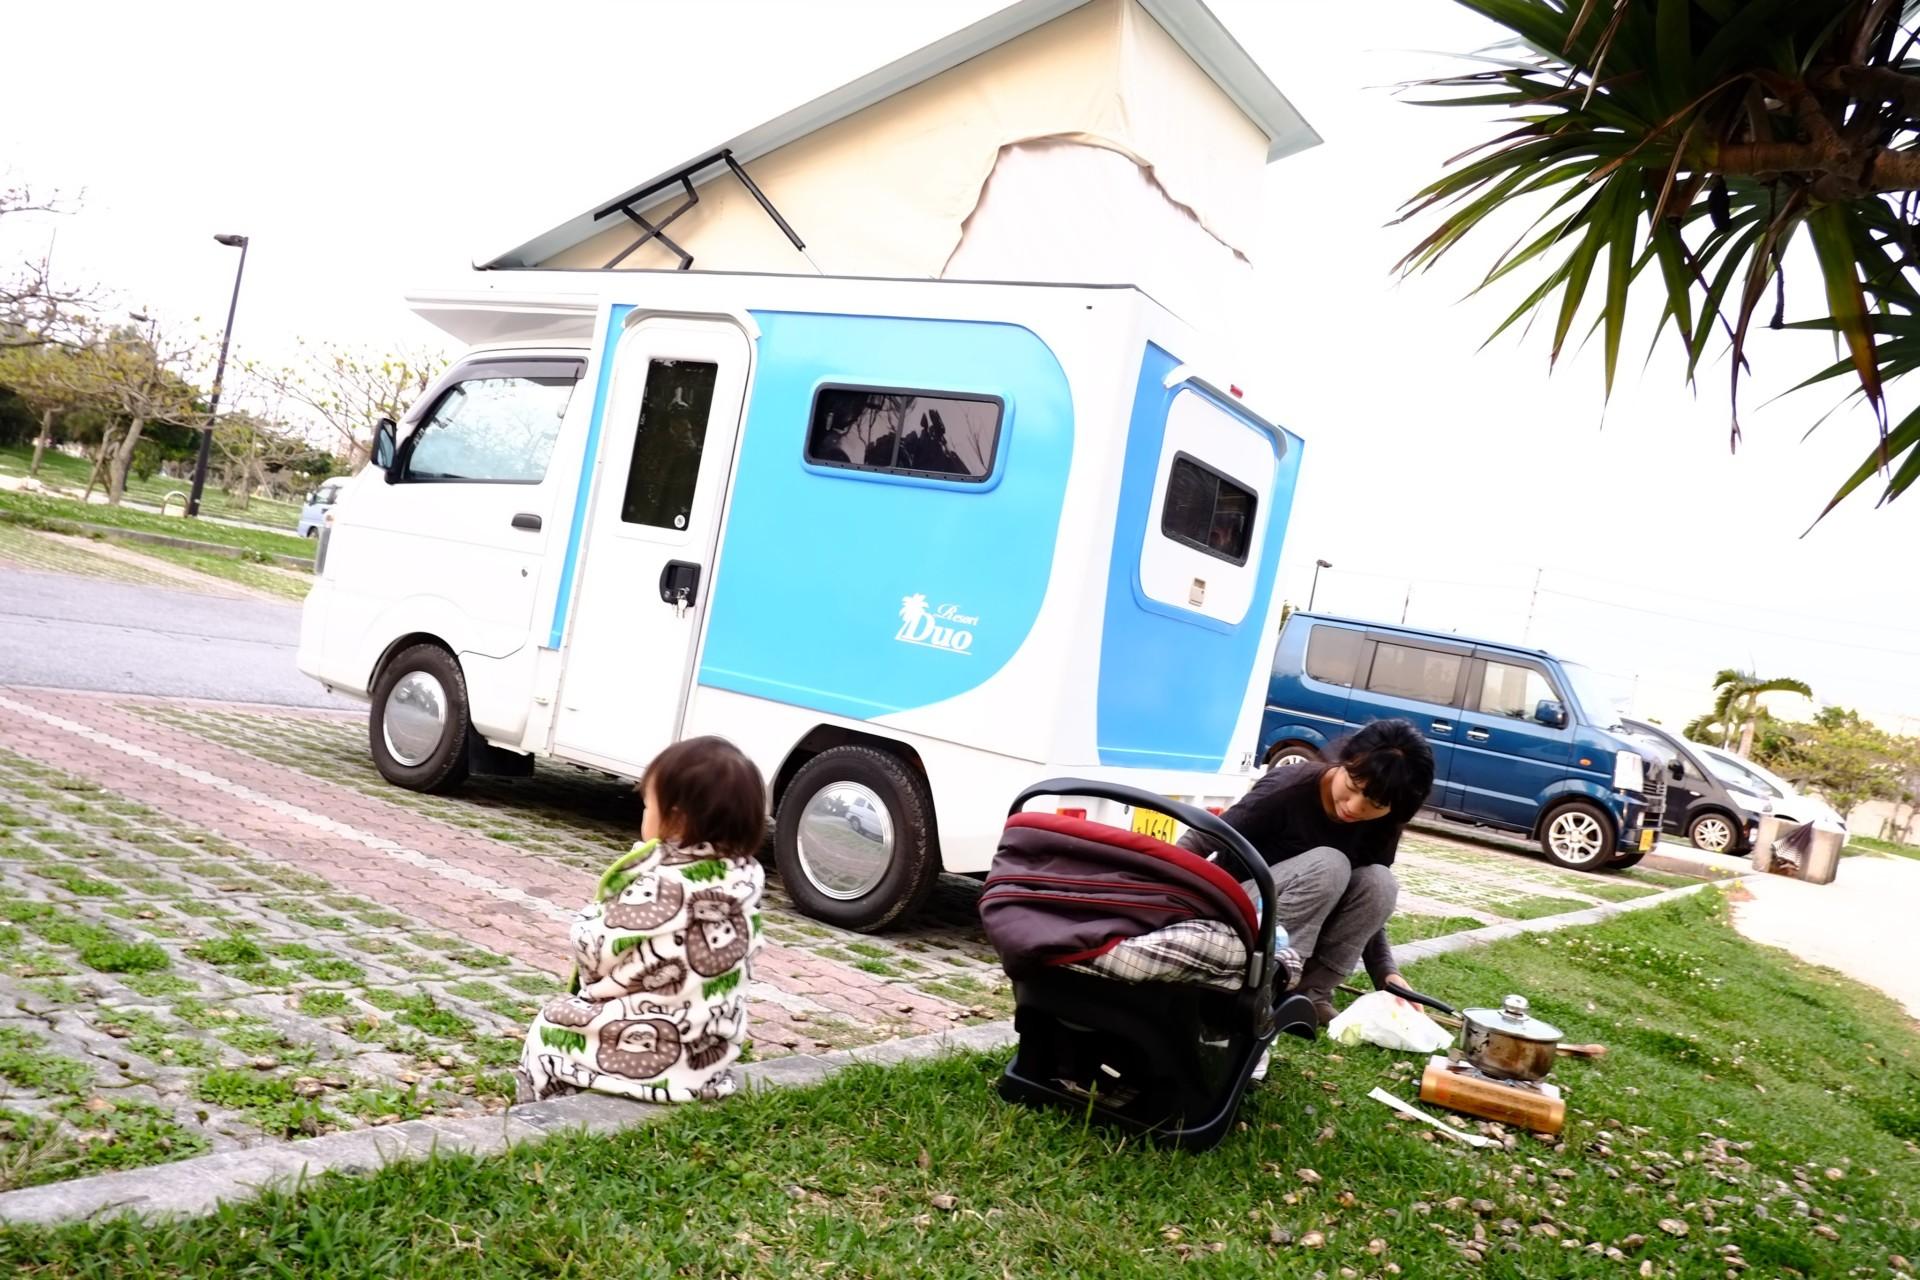 理想の子育て環境を求めて沖縄から大分へ。家族を慈しむ四季のある暮らし。